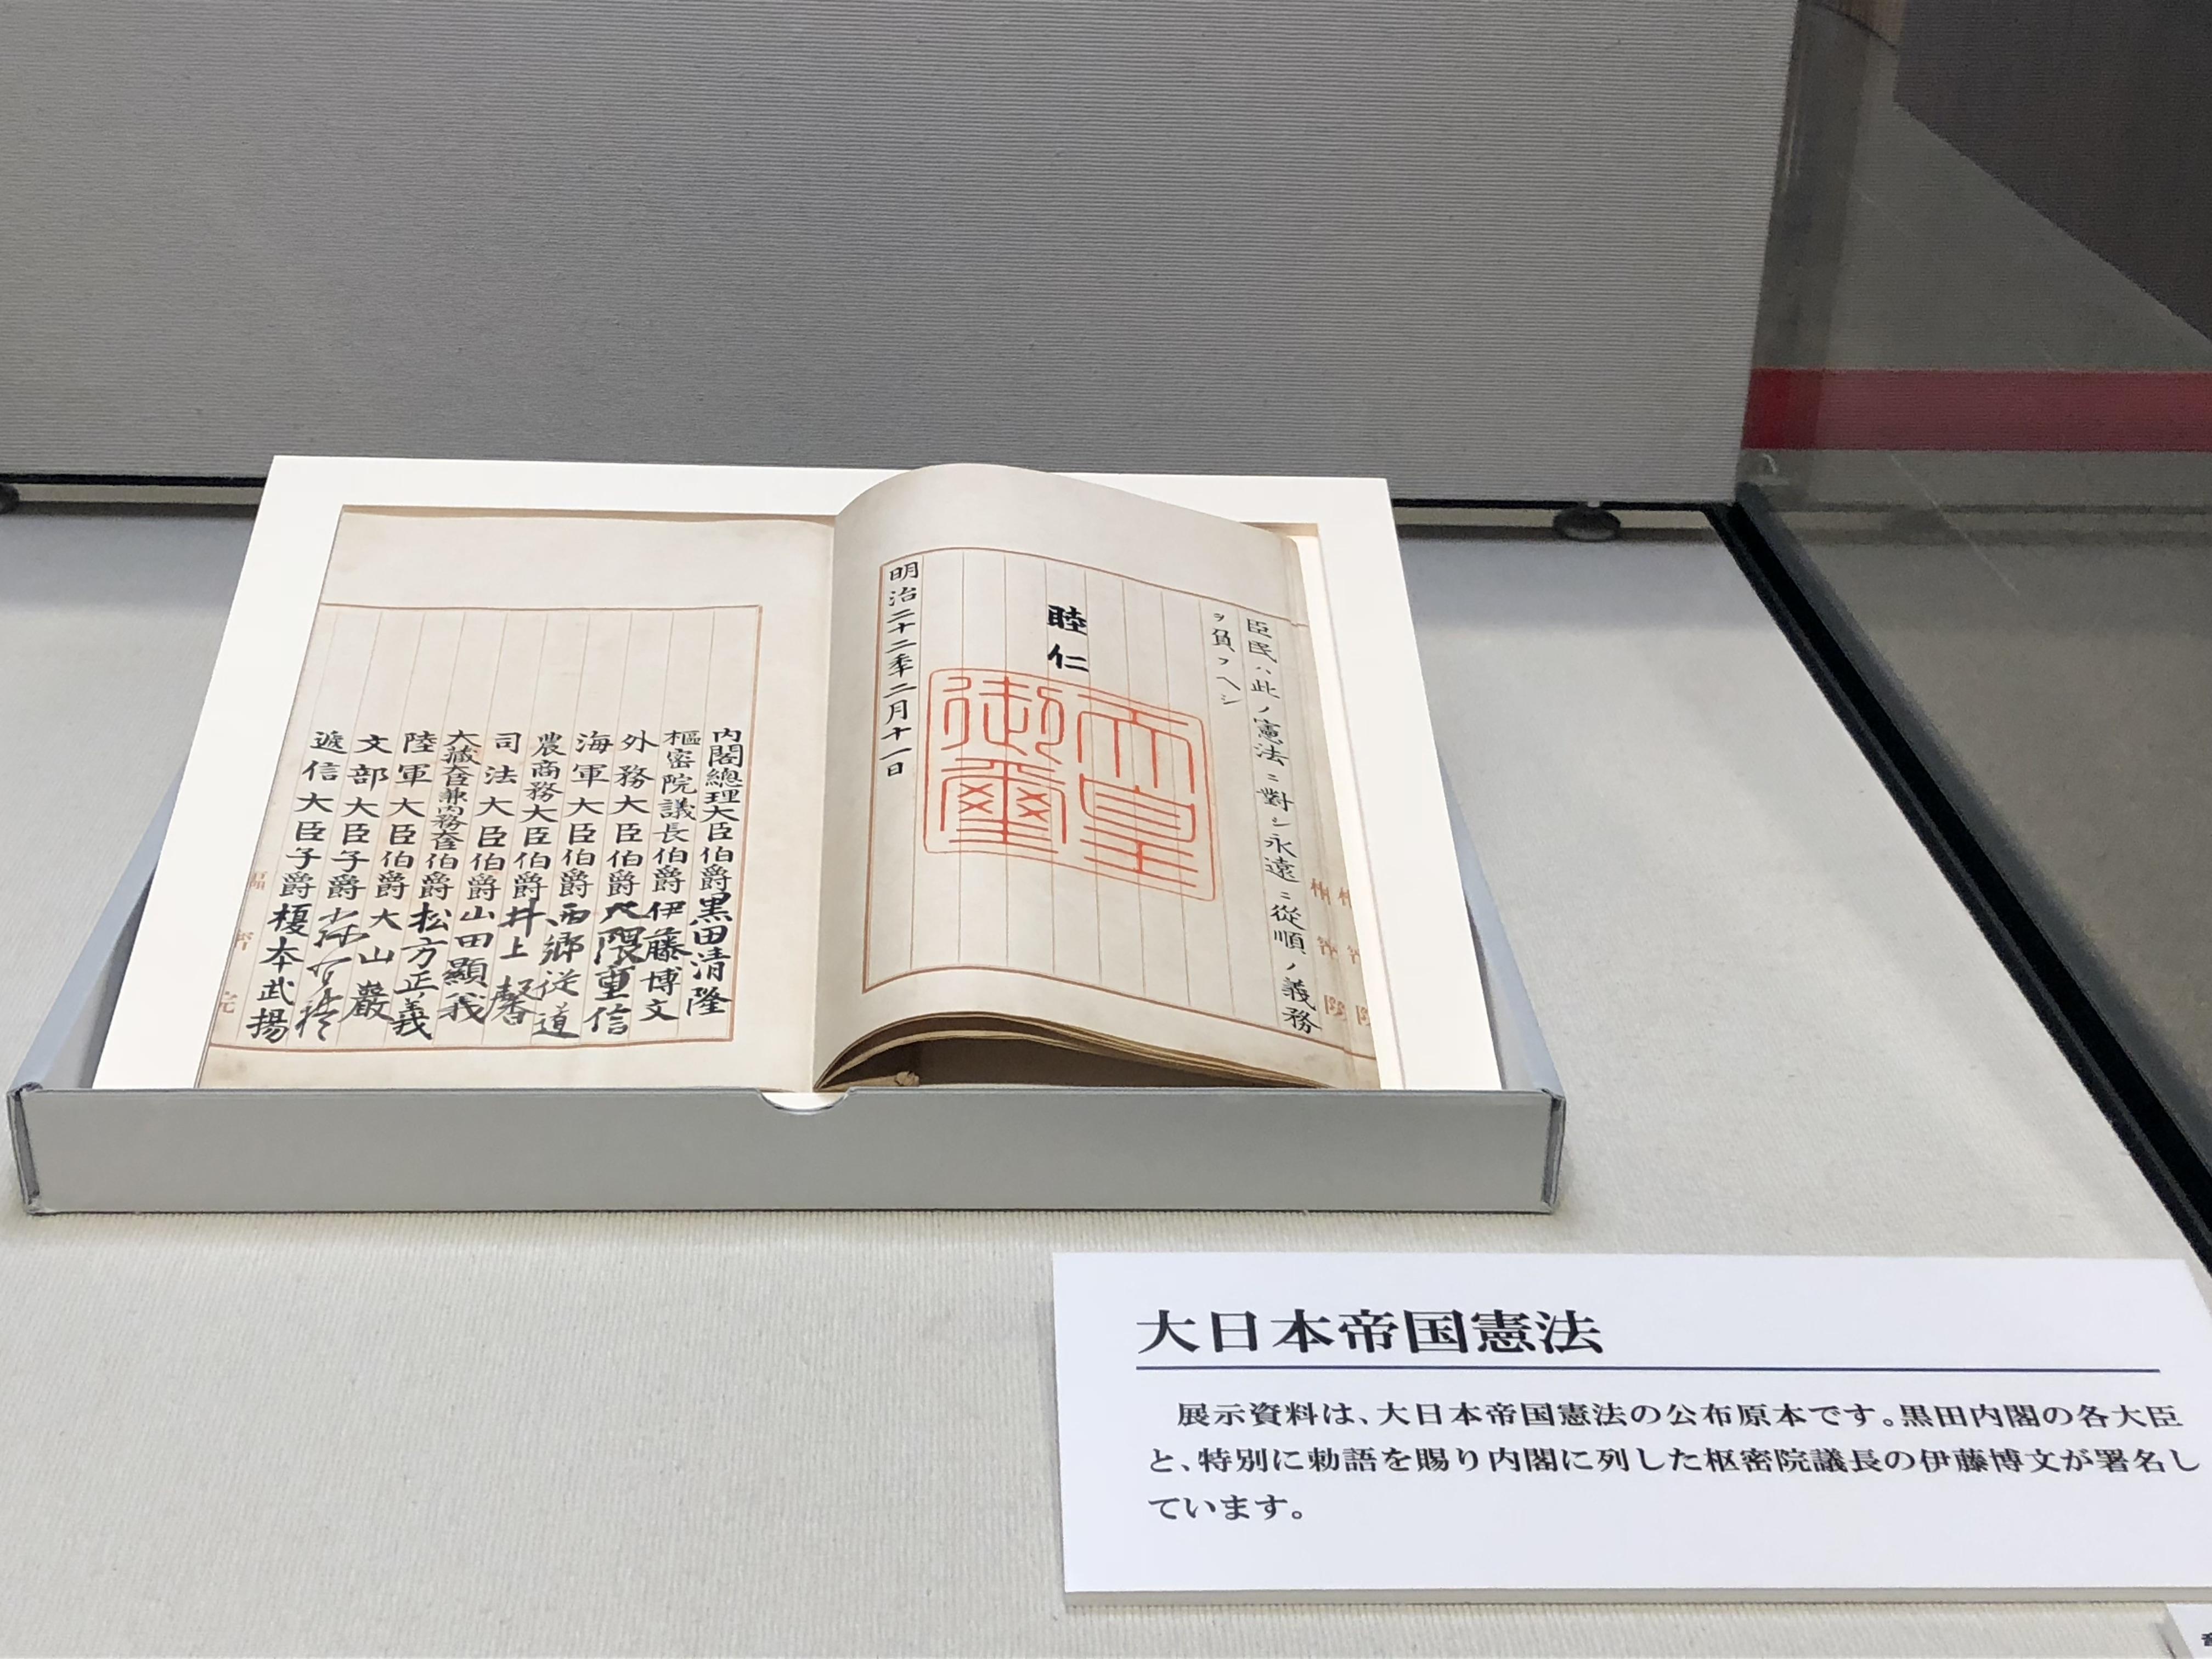 大日本帝国憲法の公布原本